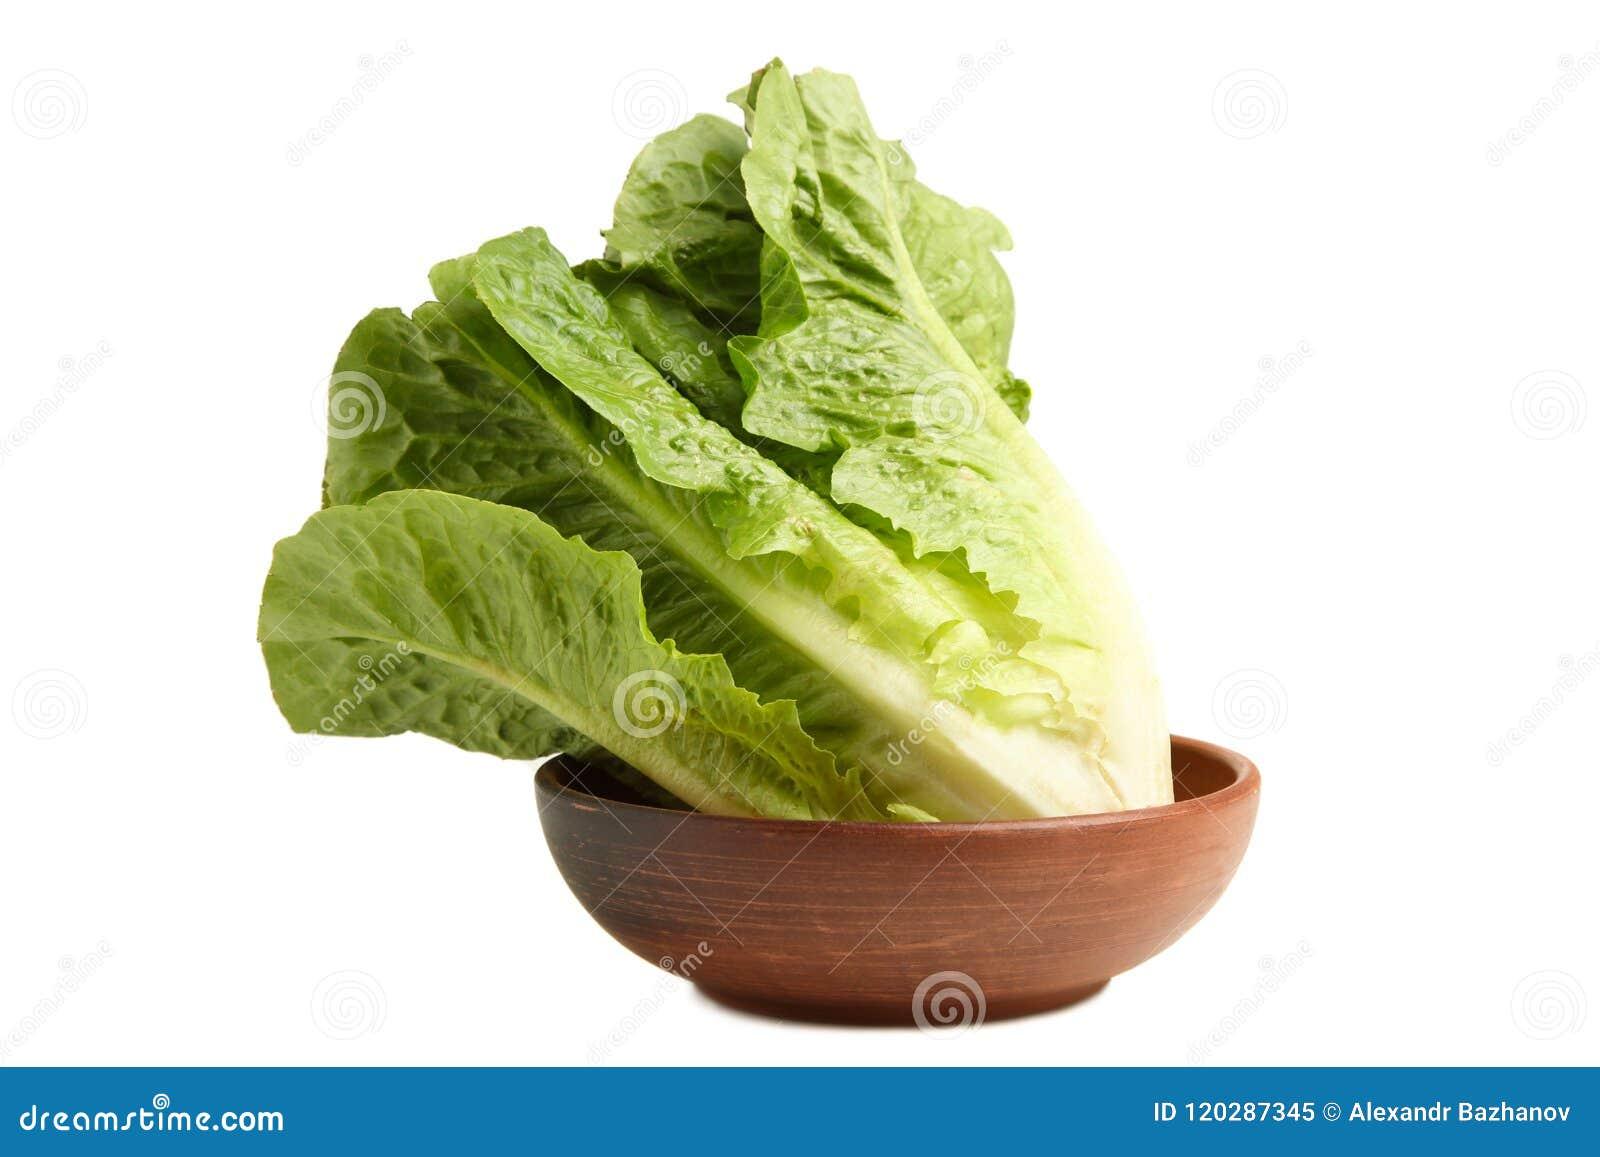 绿色莴苣长叶莴苣